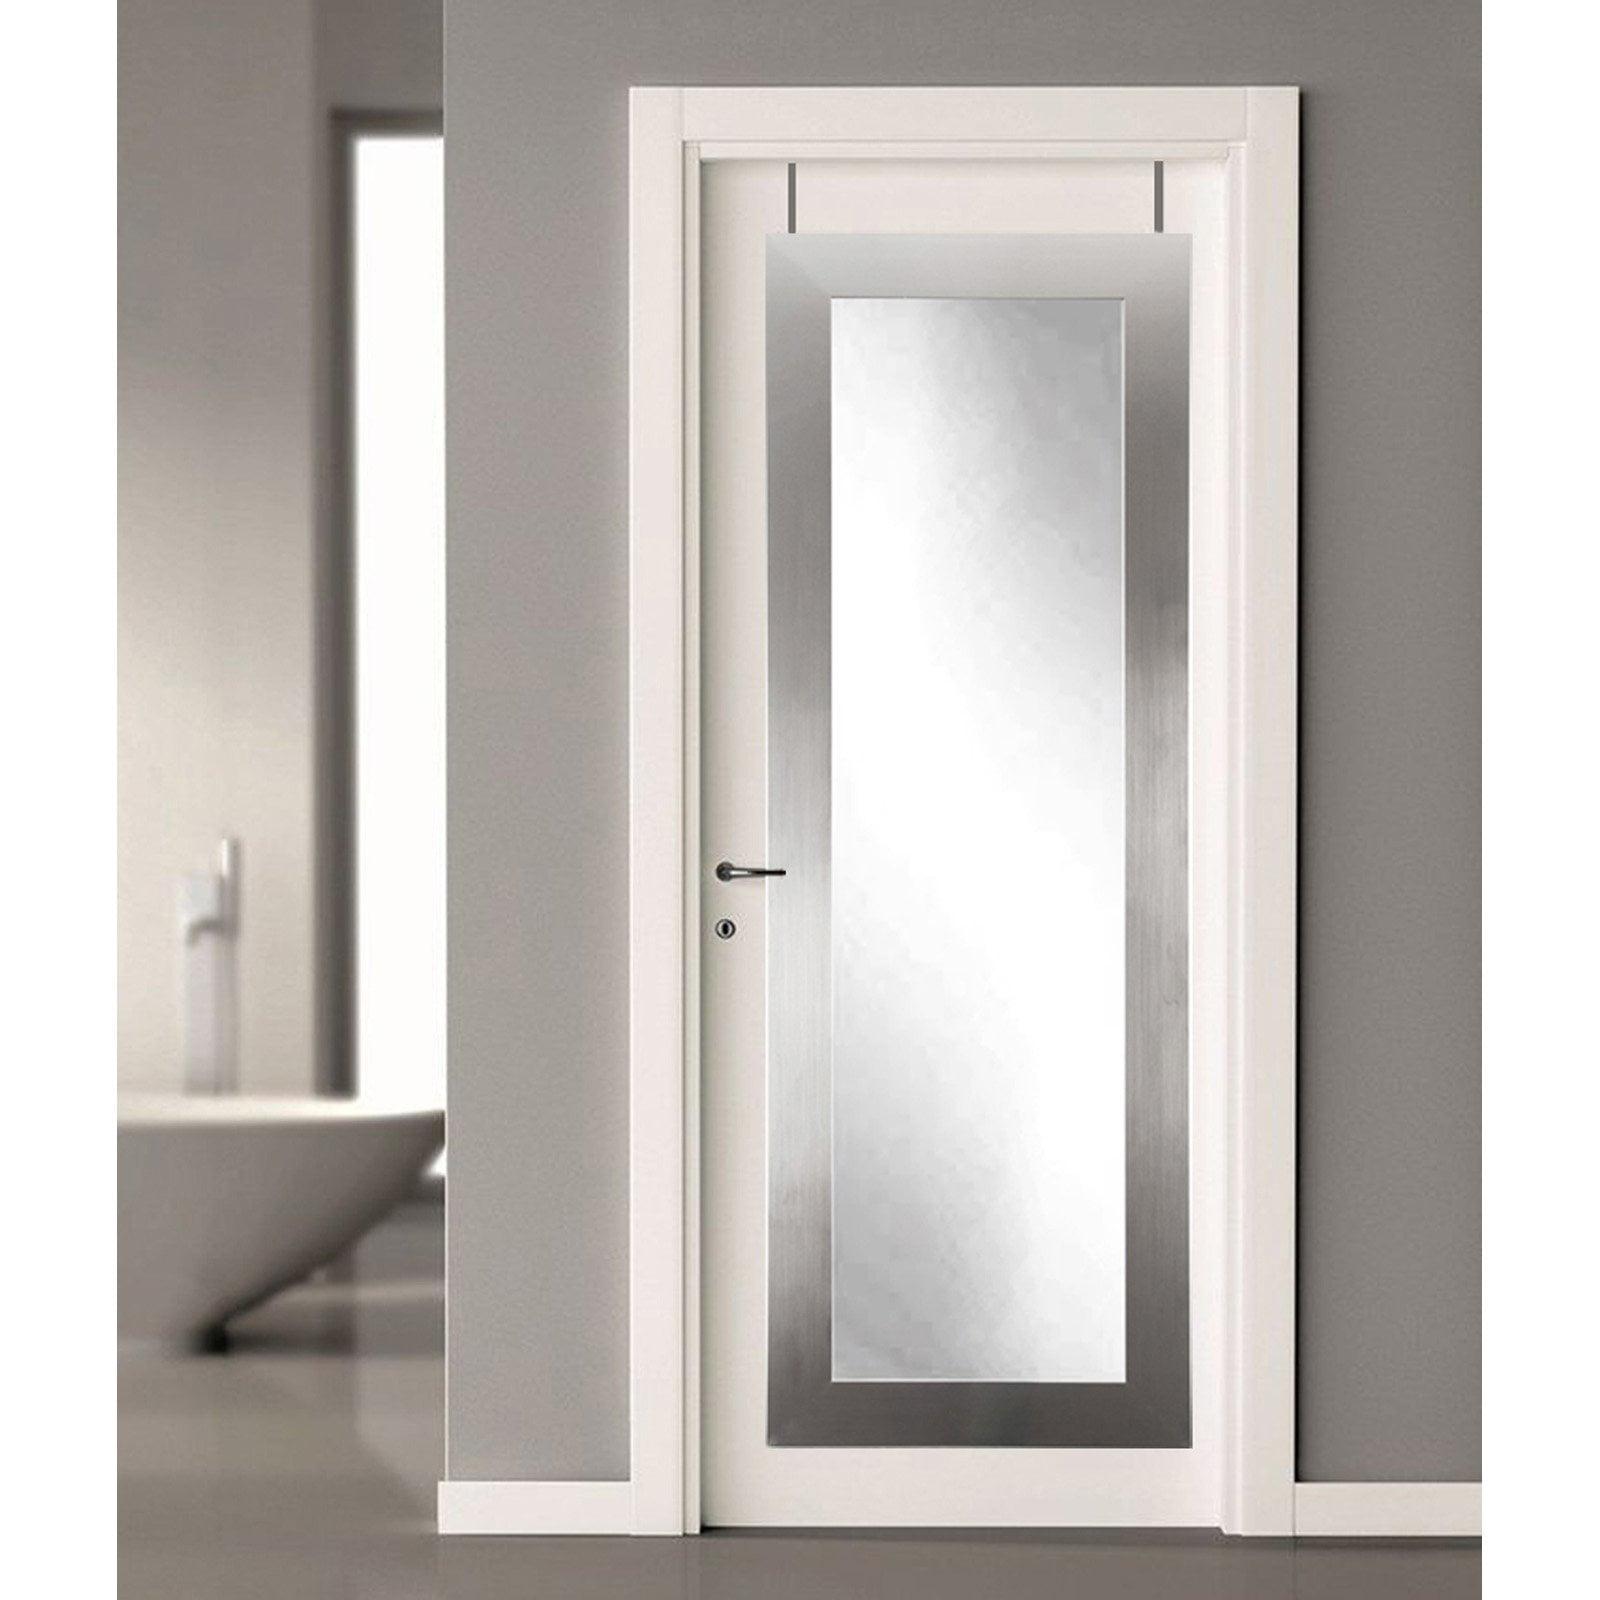 BrandtWorks Over the Door Full Length Mirror